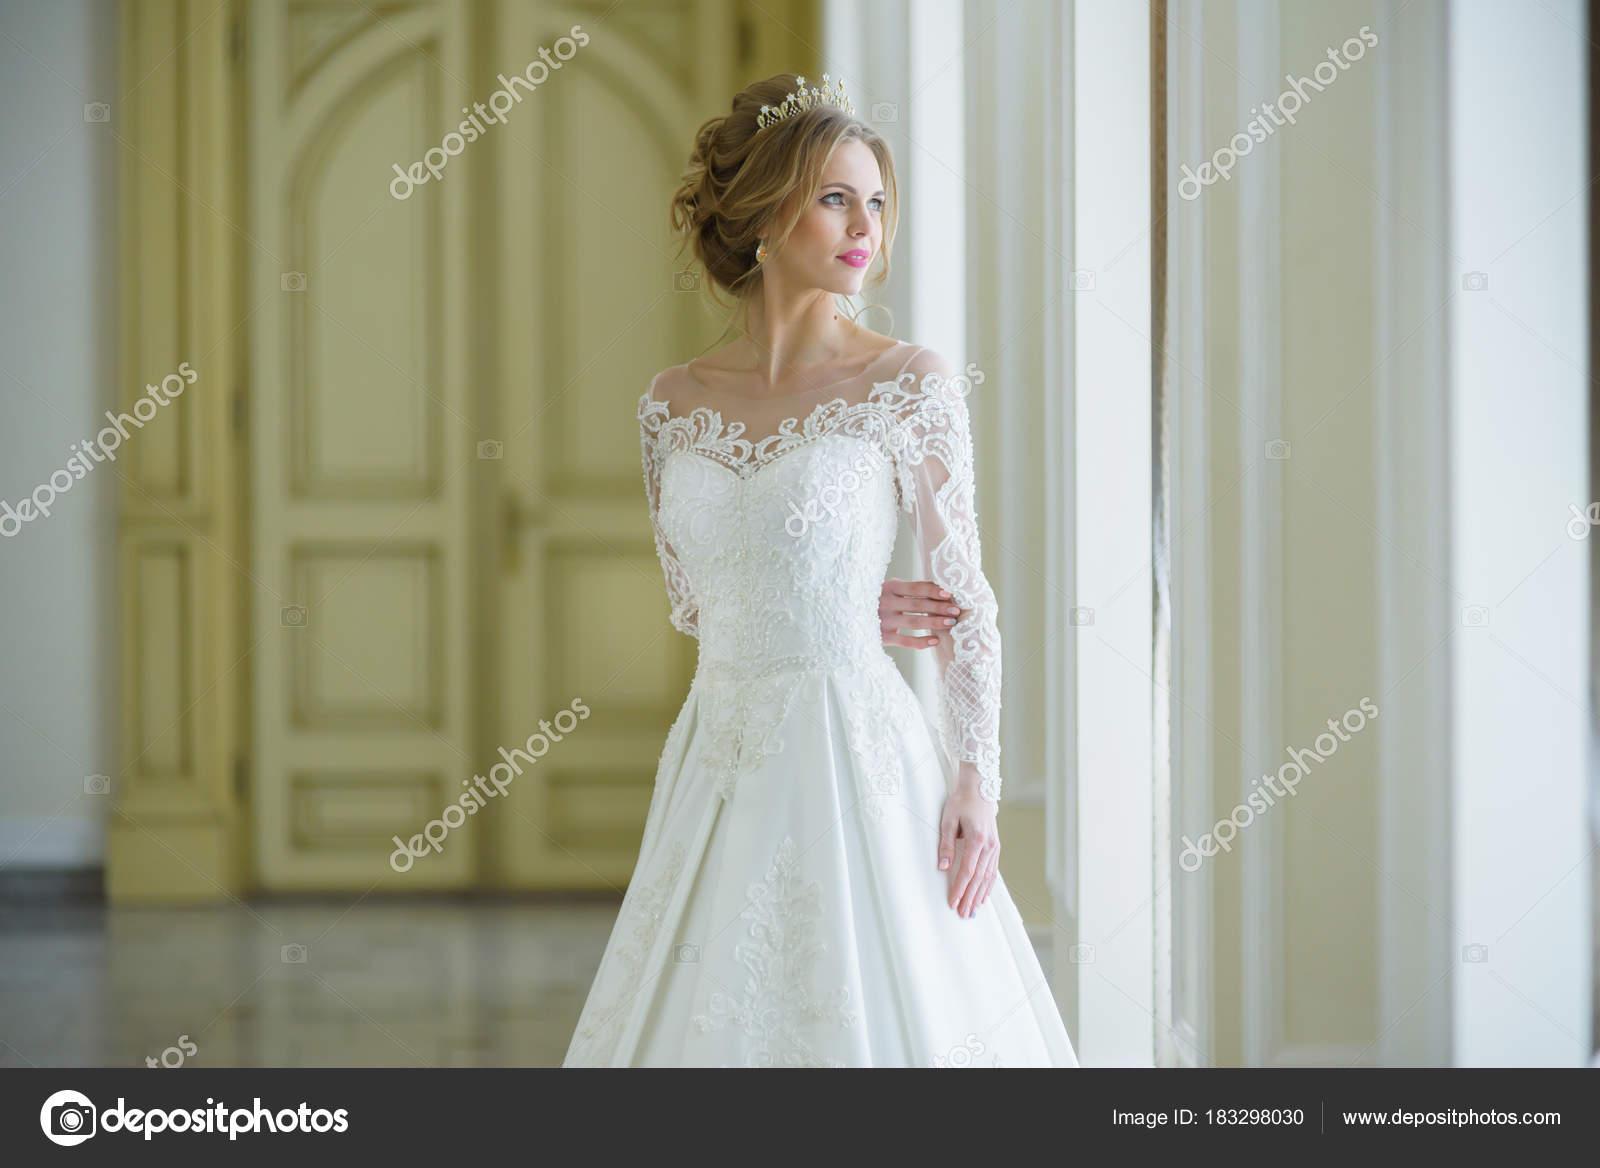 Schöne Braut Hochzeit Kleid Weiß Innen — Stockfoto © alipko #183298030